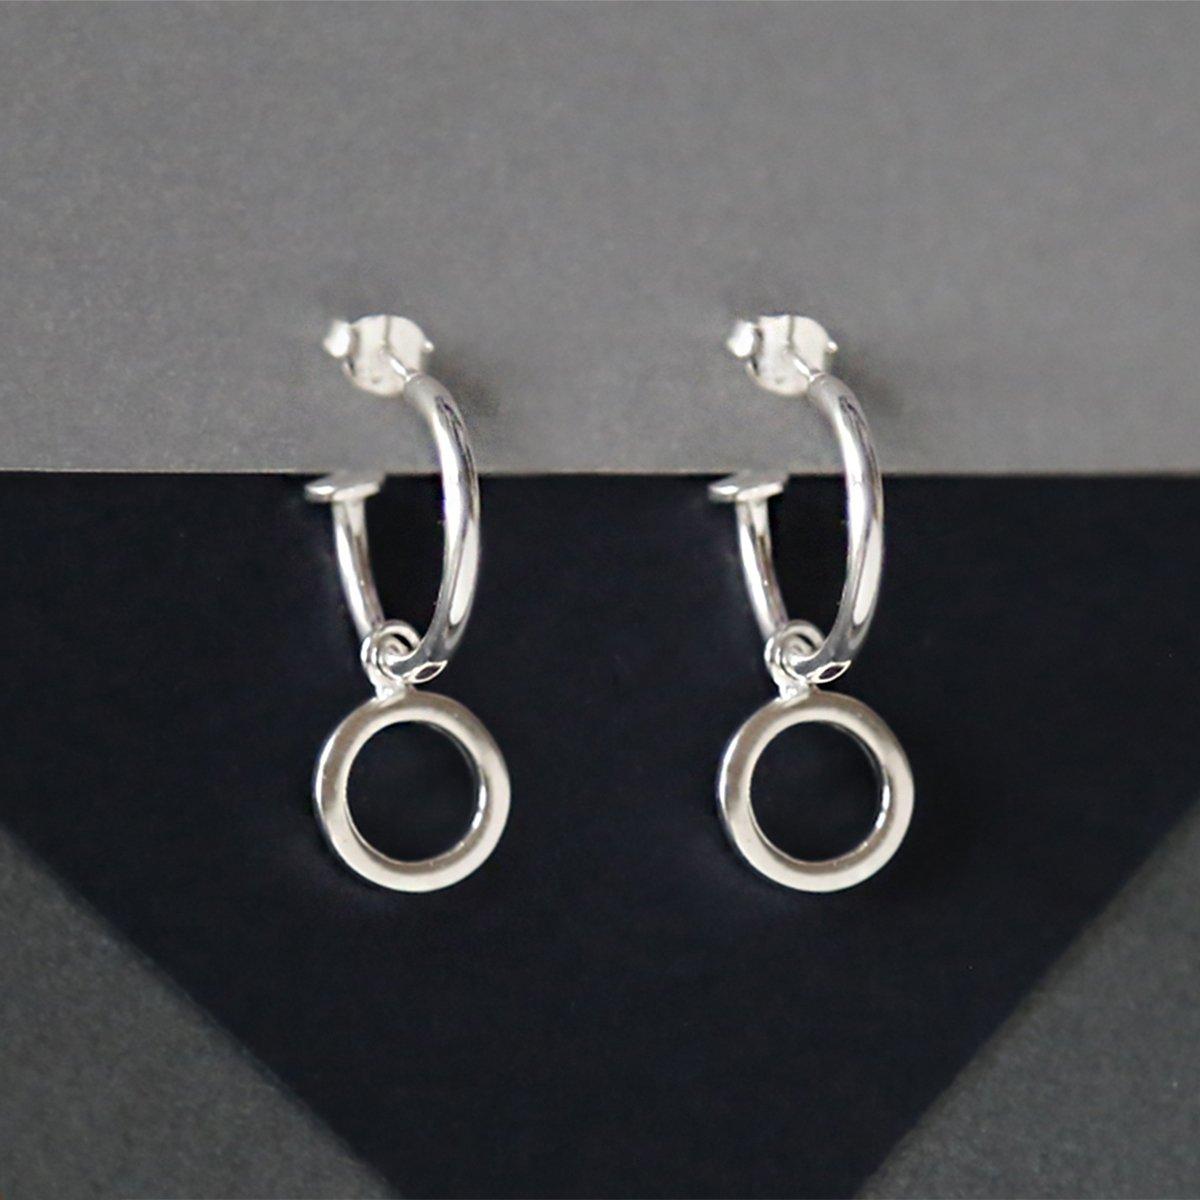 sterling silver circle hoop studs showing hoops pendant hanging off hoop